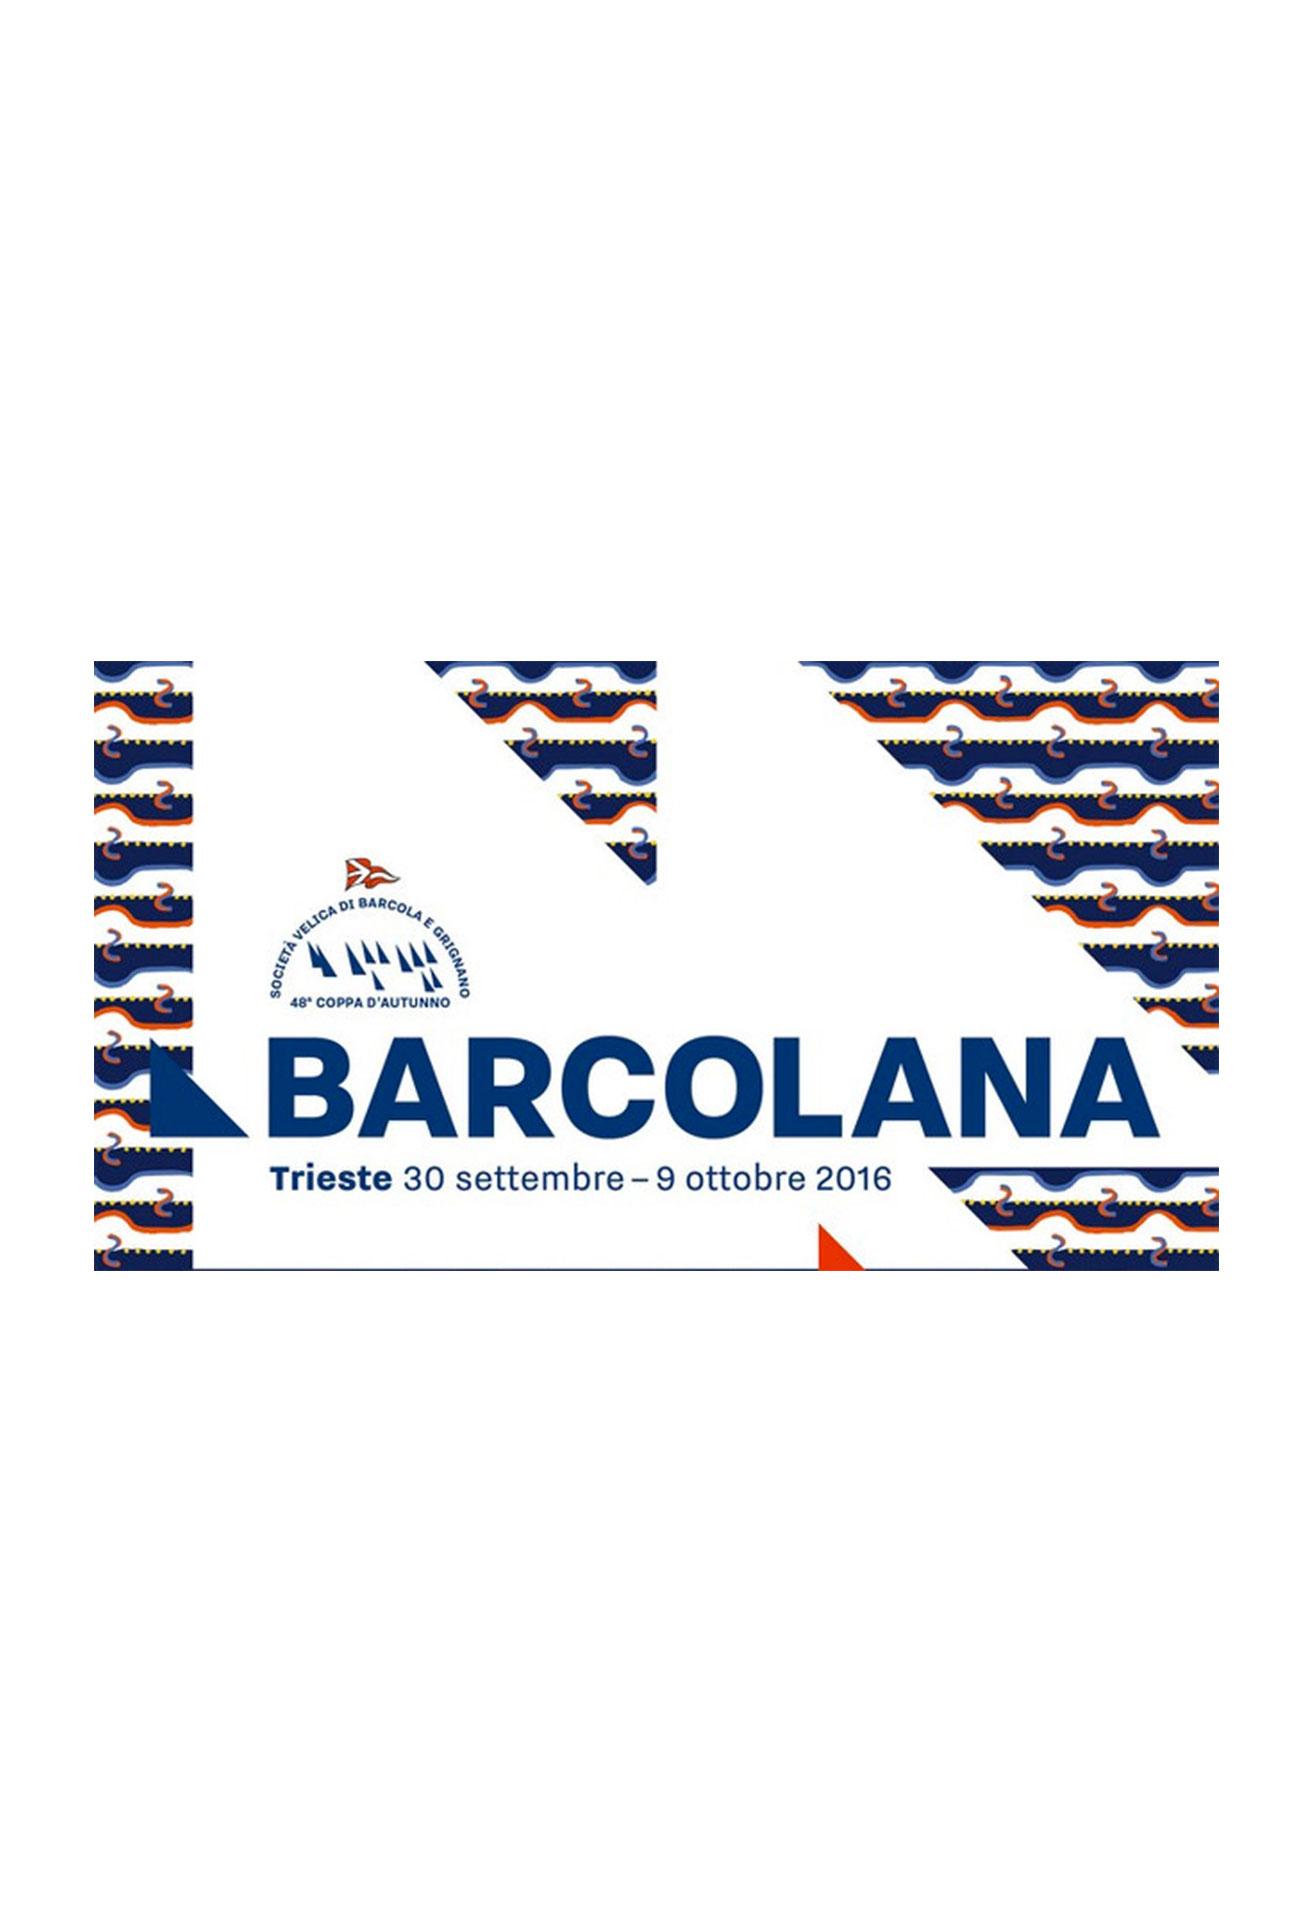 barcolana-20162_p